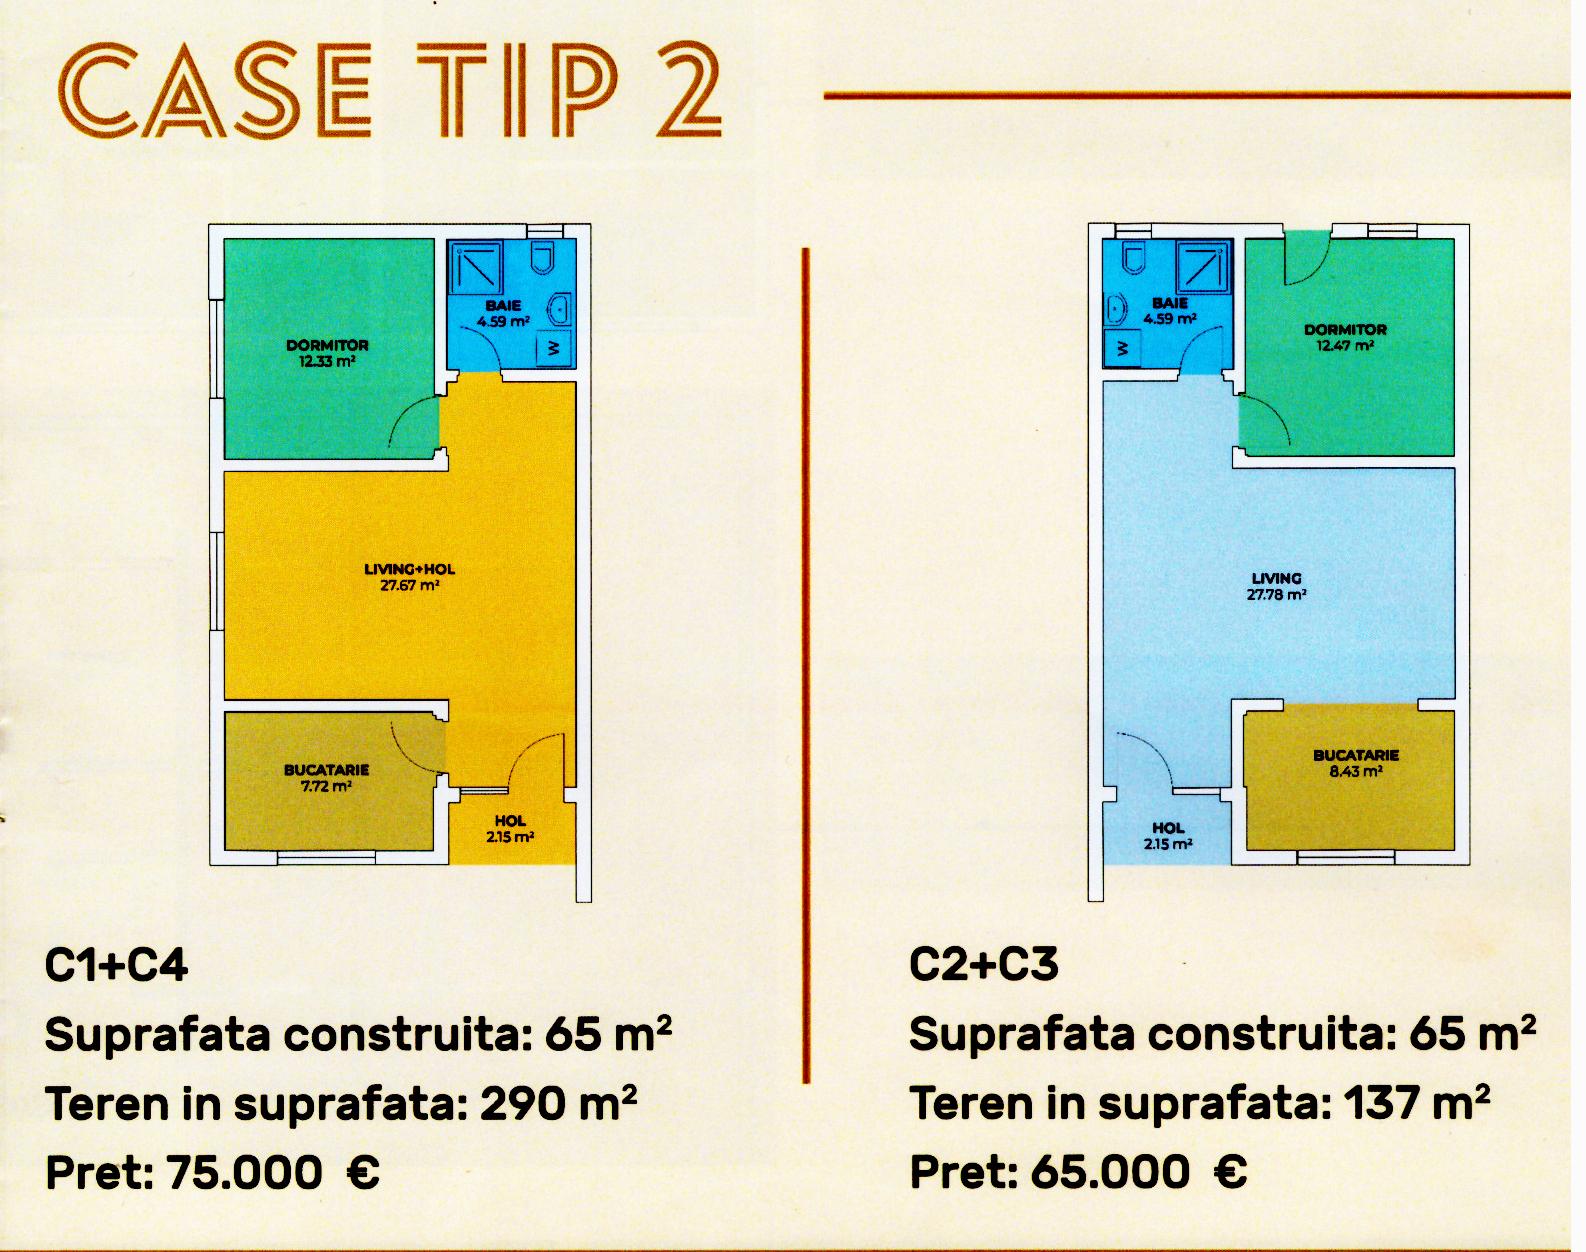 Case tip 2 A